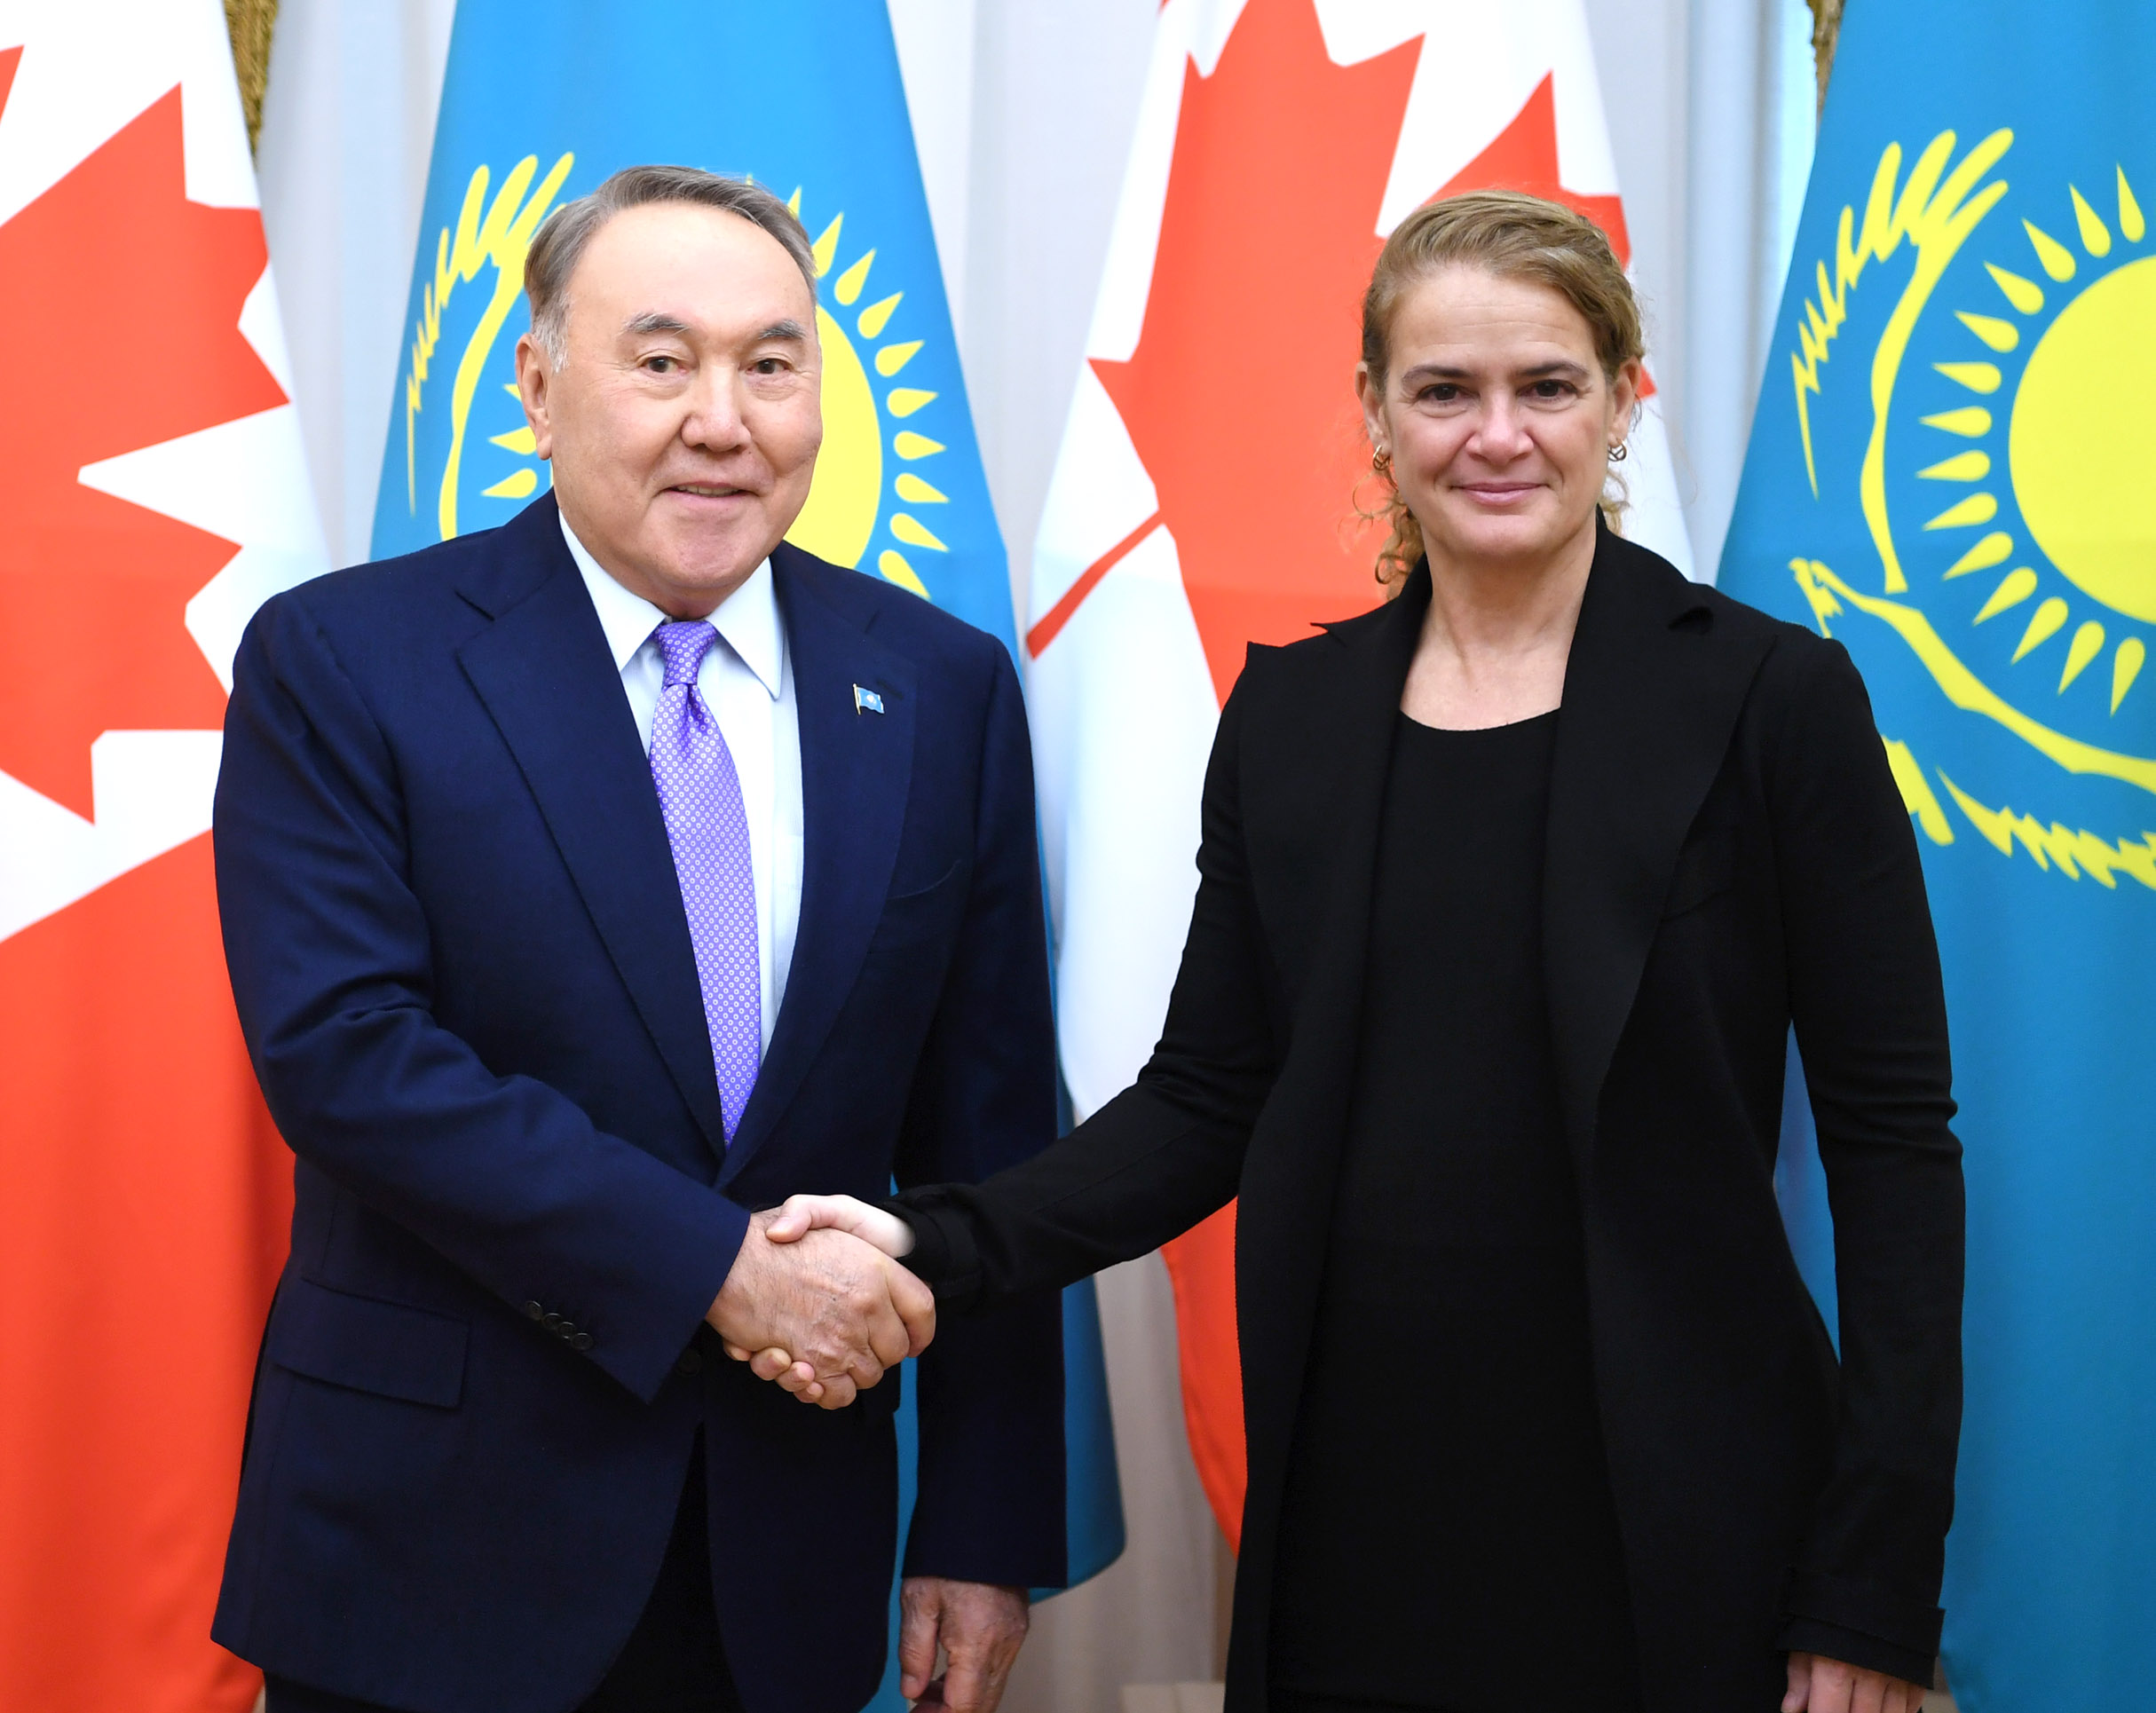 Назарбаев провёл встречу с генерал-губернатором Канады Жюли Пайетт